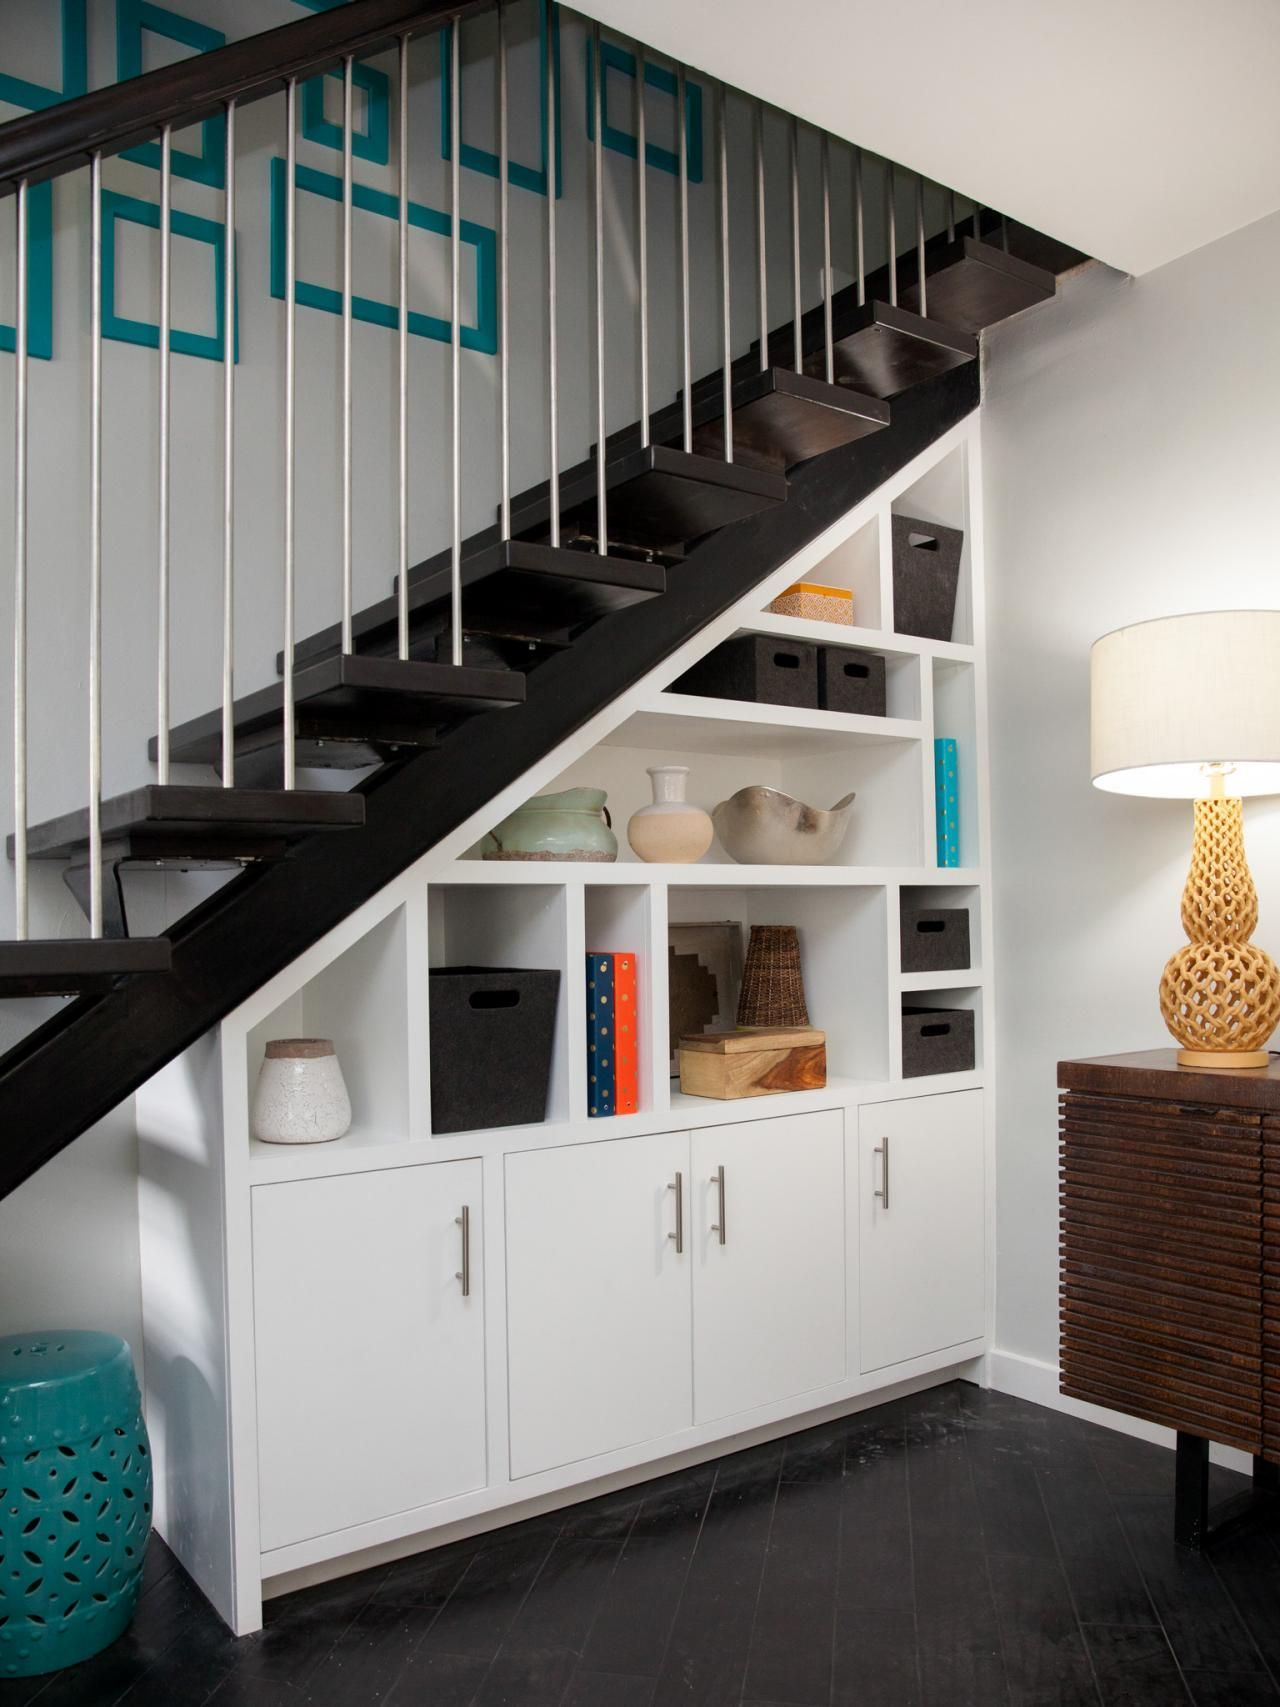 Nếu nhà bạn có gầm cầu thang thì không nên bỏ qua 7 gợi ý hữu ích này - Ảnh 9.